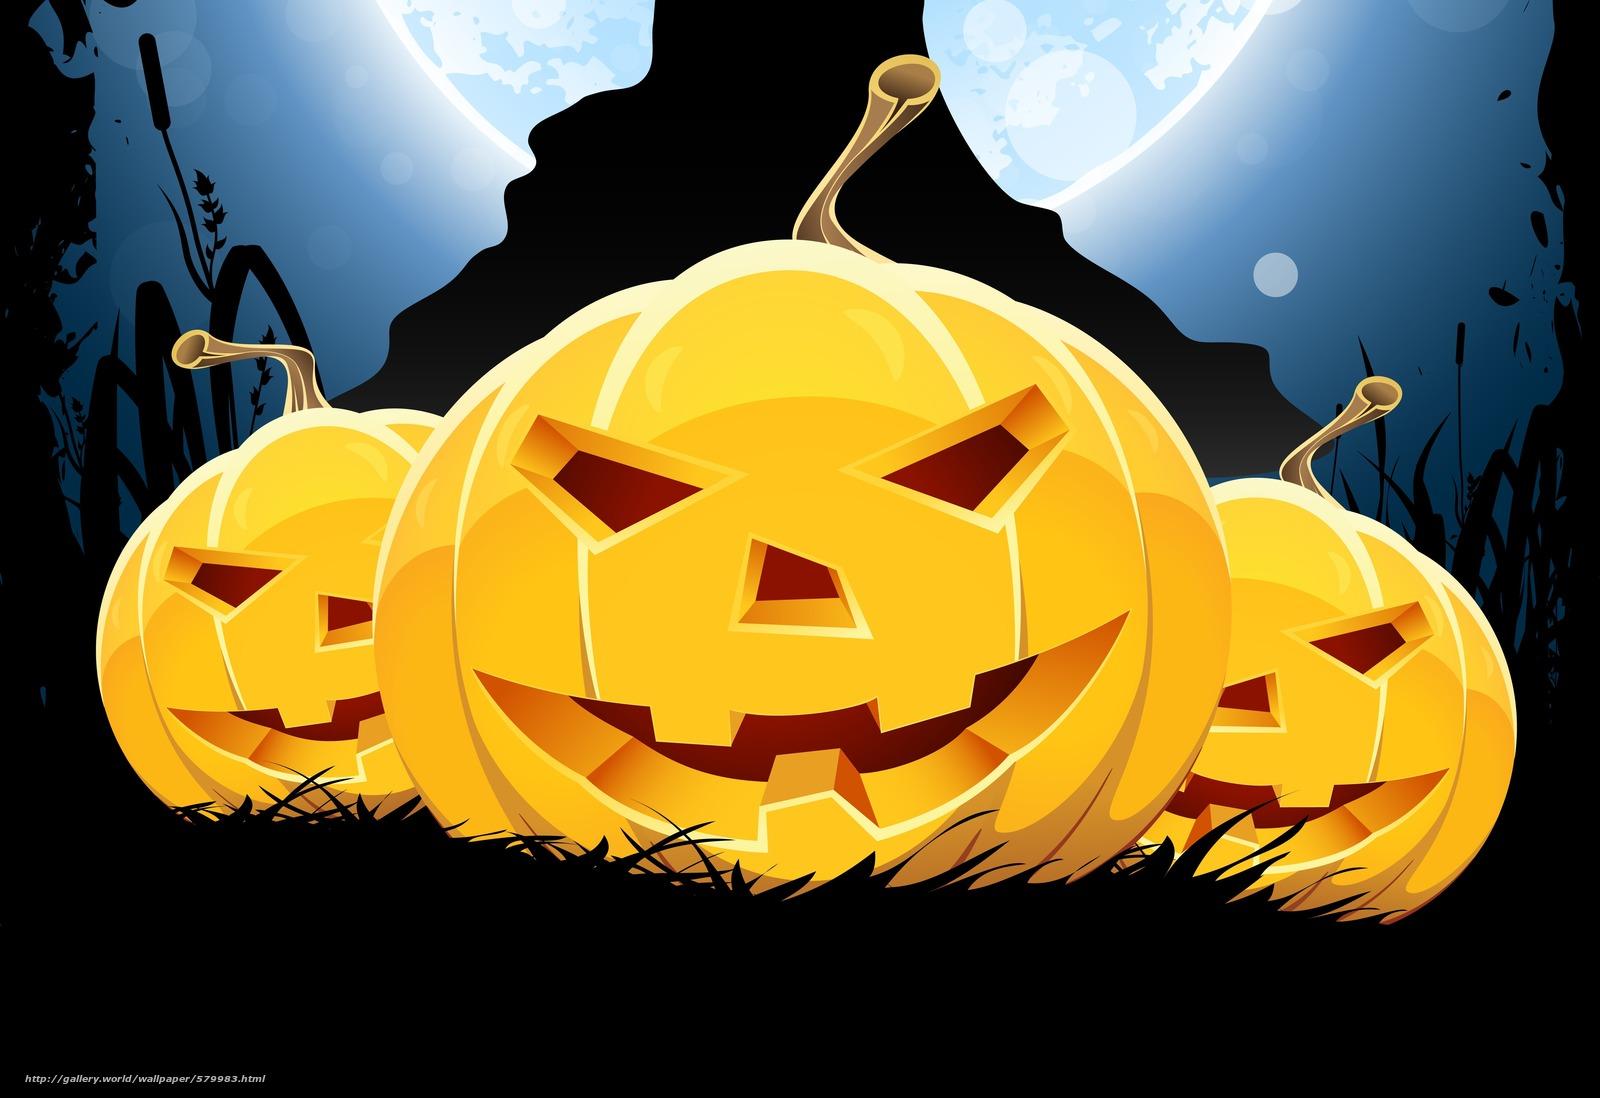 Tlcharger fond d 39 ecran citrouille dr le sourire horreur - Image halloween drole ...